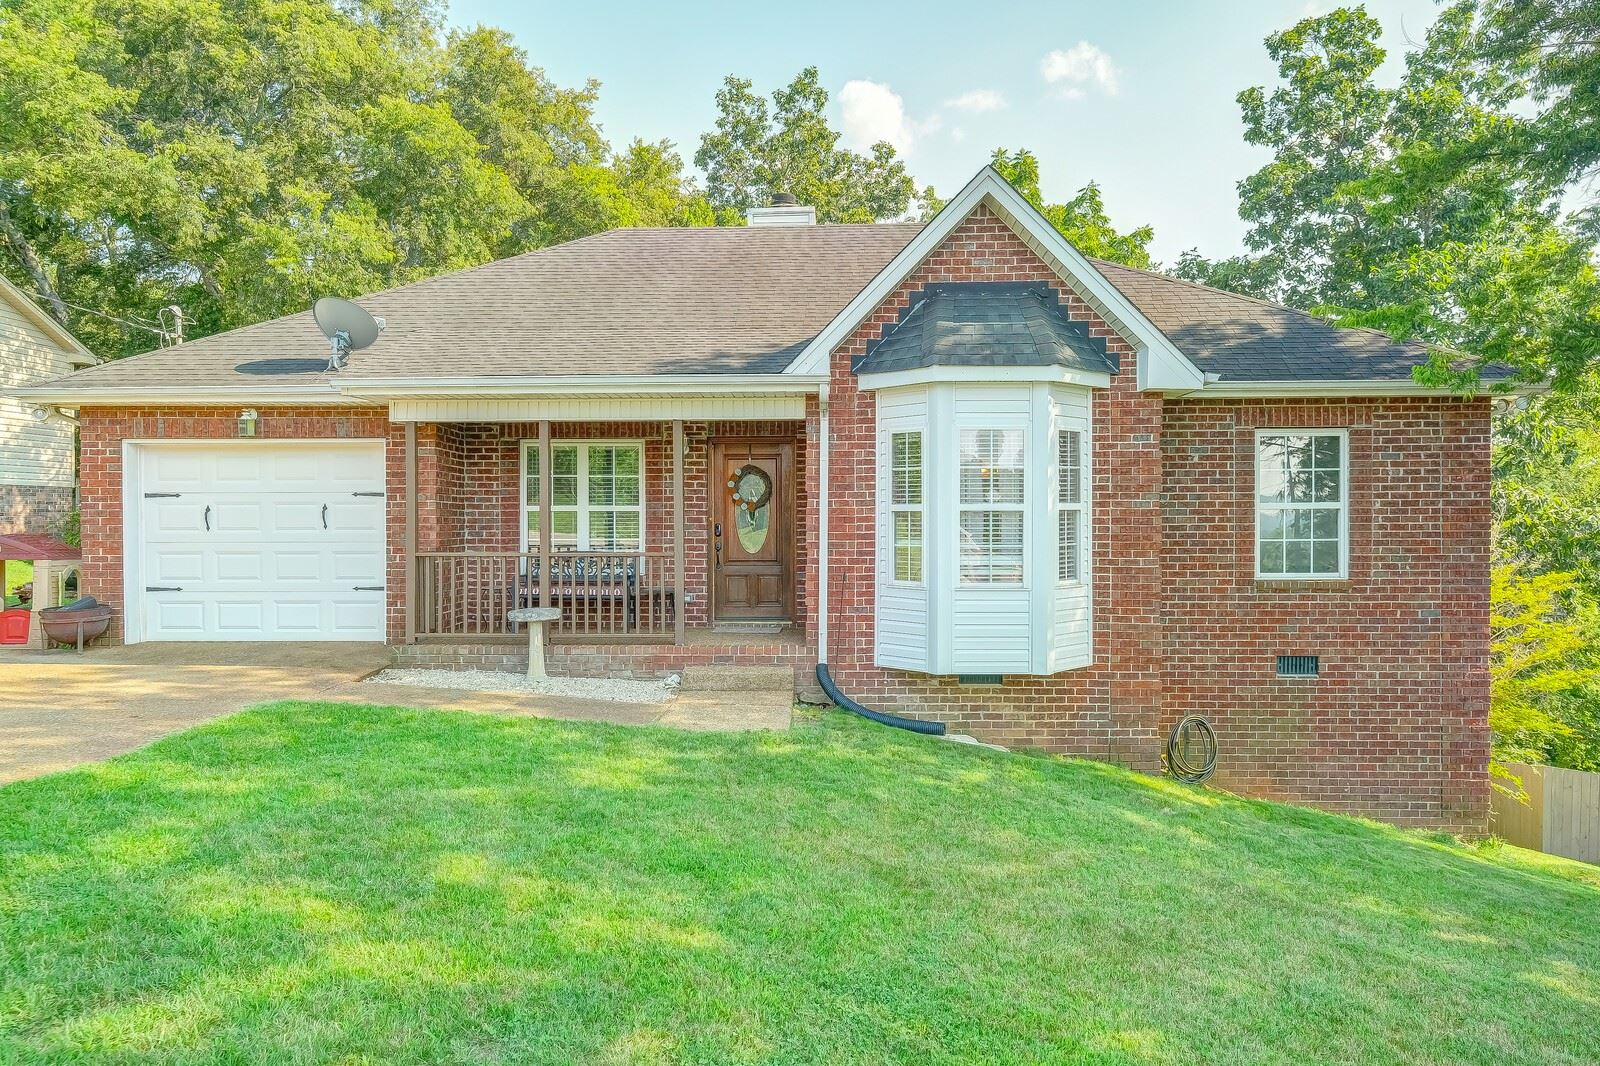 114 Bennett Dr, Goodlettsville, TN 37072 - MLS#: 2277411